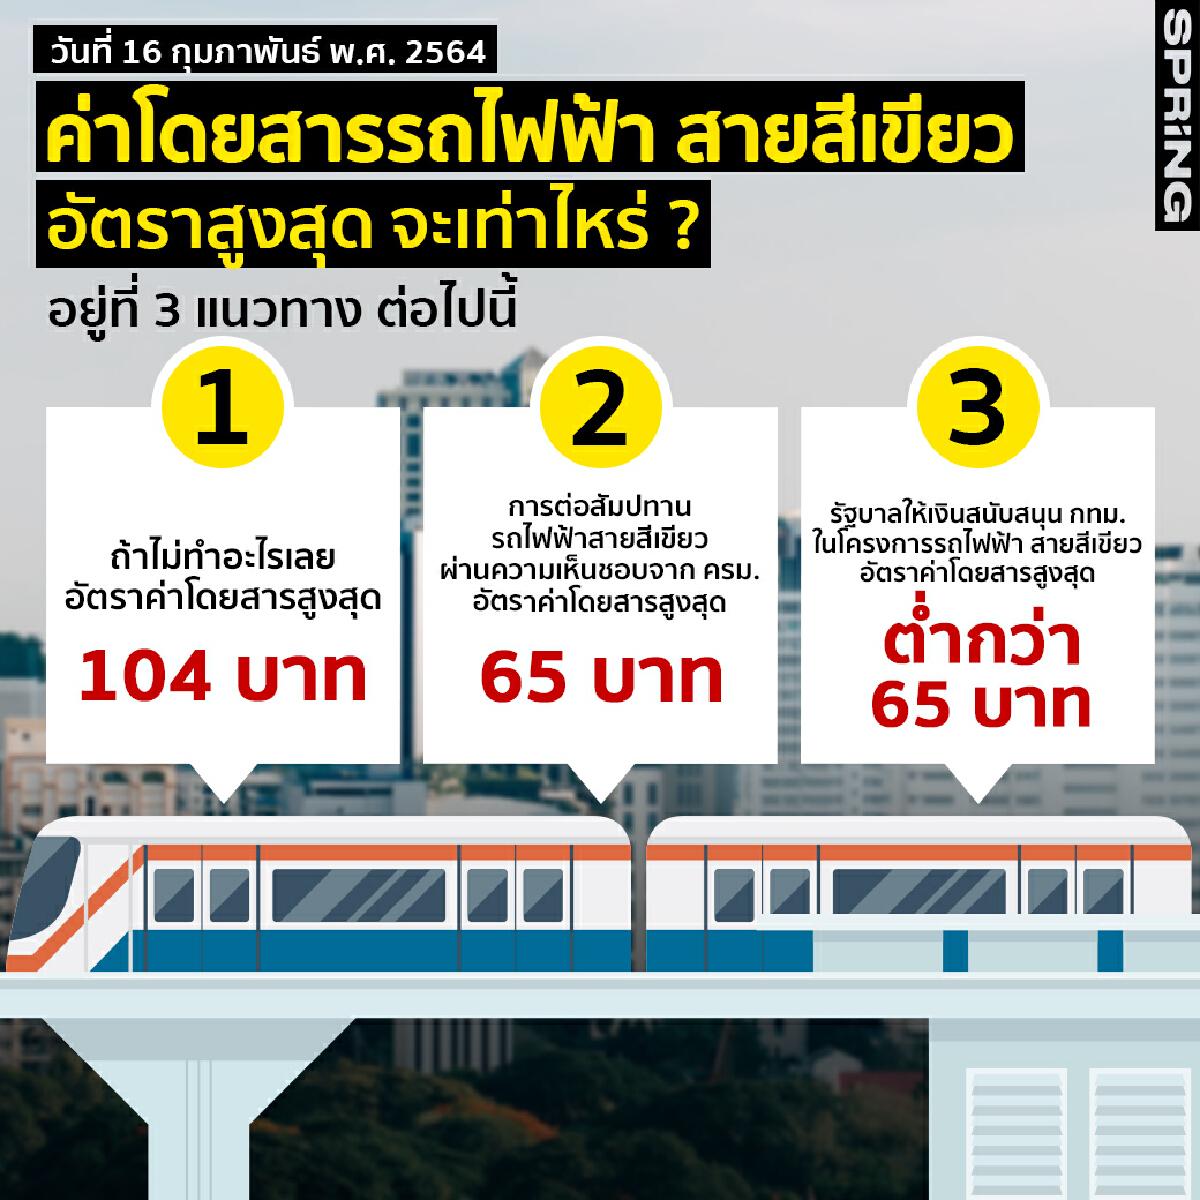 ค่าโดยสารรถไฟฟ้า สายสีเขียว อัตราสูงสุดเท่าไหร่ ? อยู่ที่ 3 แนวทางนี้